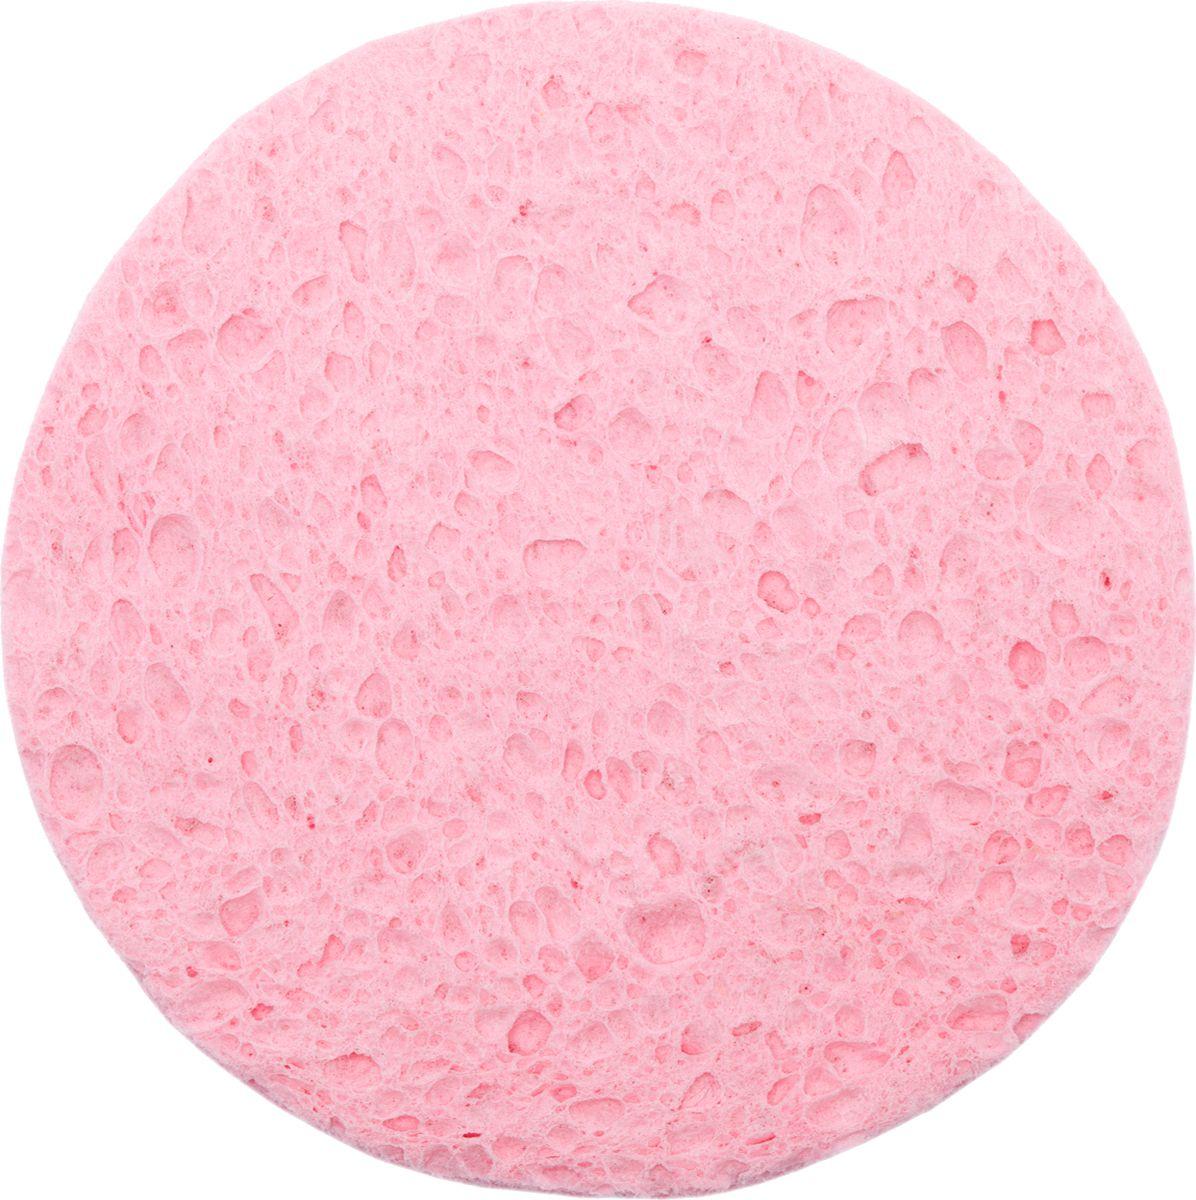 Divage Accessories - Спонж круглый из натуральной целлюлозы, розовый1301210Косметический спонж - натуральная губка для быстрого и мягкого очищения кожи лица. Спонж изготовлен из натуральной целлюлозы и используется в косметологии для демакияжа и пиллингов. Благодаря своей пористой структуре спонж позволяет мягко и бережно отшелушивать кожу, что придает лицу особую мягкость и свежесть. Мягкий массаж лица спонжем помогает усилить микроциркуляцию крови в зоне лица и придать твоей нежной коже дополнительный тонус и эластичность. СОВЕТ ОТ DIVAGE: Перед использованием увлажни спонж теплой водой для его размягчения. Используй для демакияжа, снятия остатков косметических масок, а также пиллингов с использованием косметических средств. После использования тщательно промой спонж теплой водой с мылом, бережно отожми и просуши для дальнейшего применения.